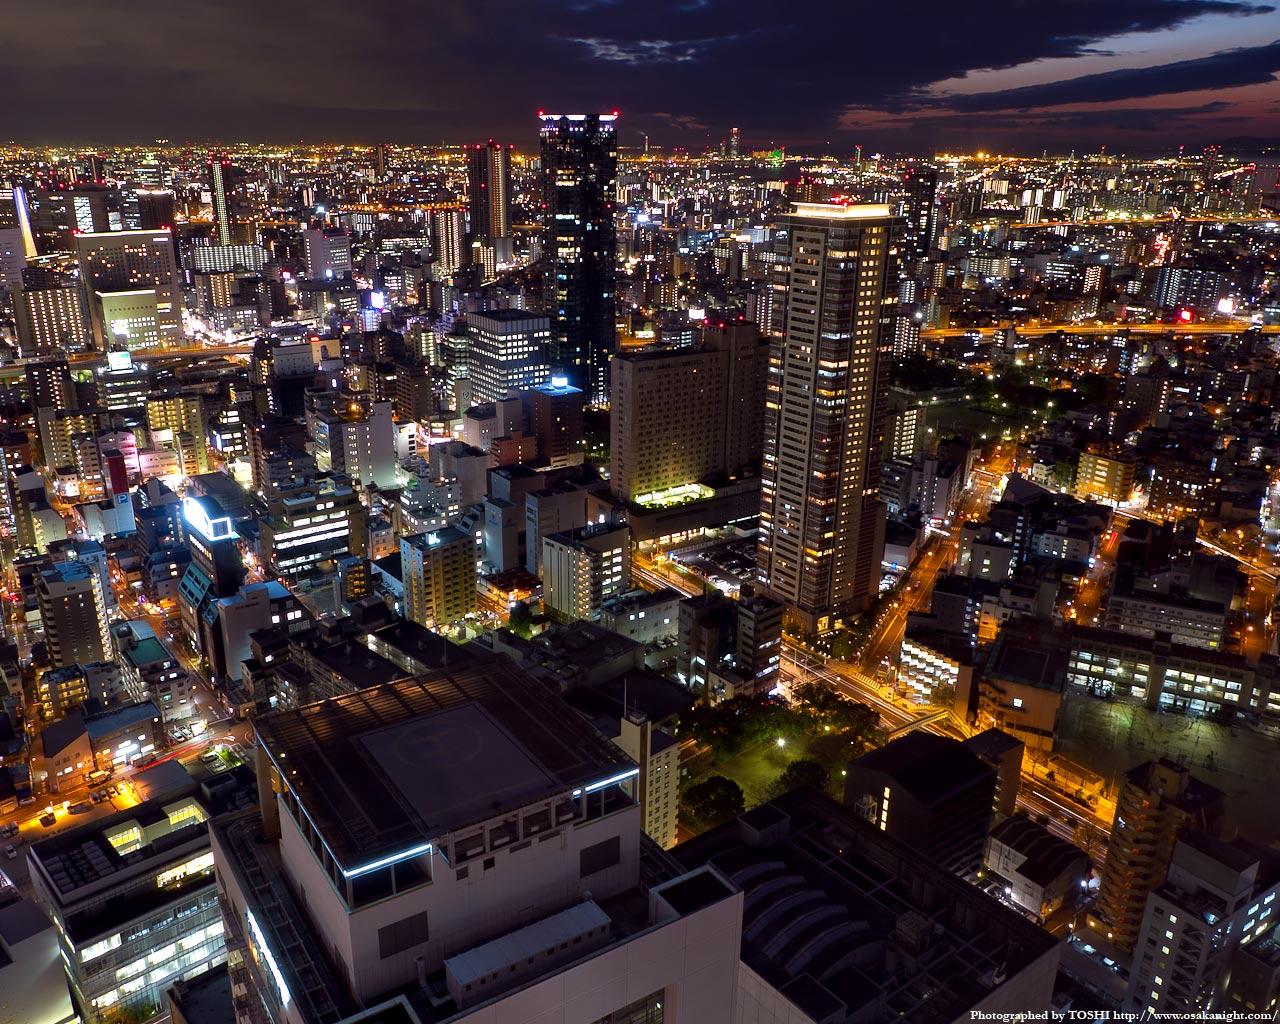 福島駅〜大阪ベイエリア方面の夜景